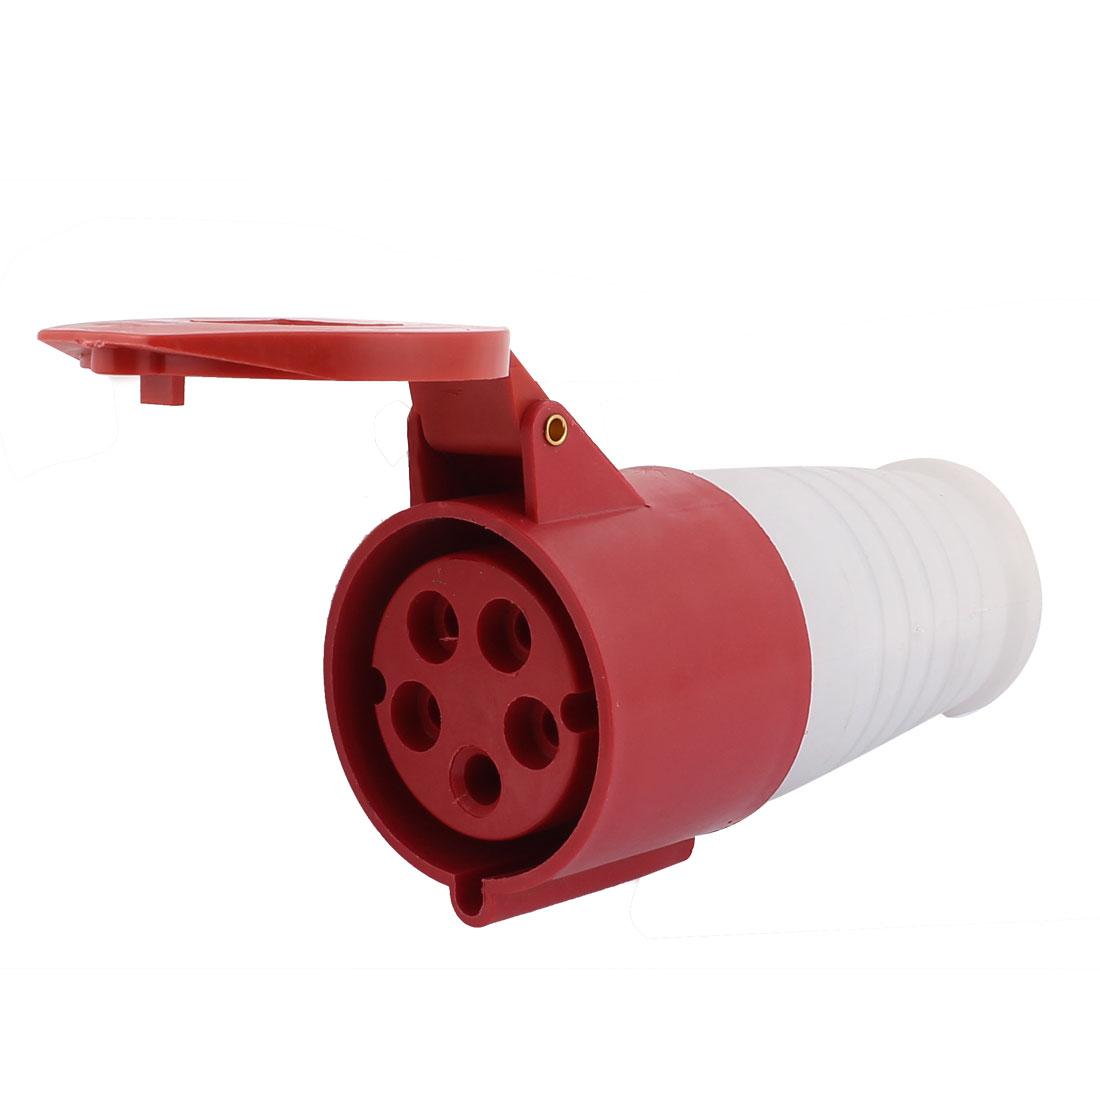 AC 220V-415V 32A IP44 3P+N+E 5P Female Waterproof Industrial Electrical Socket